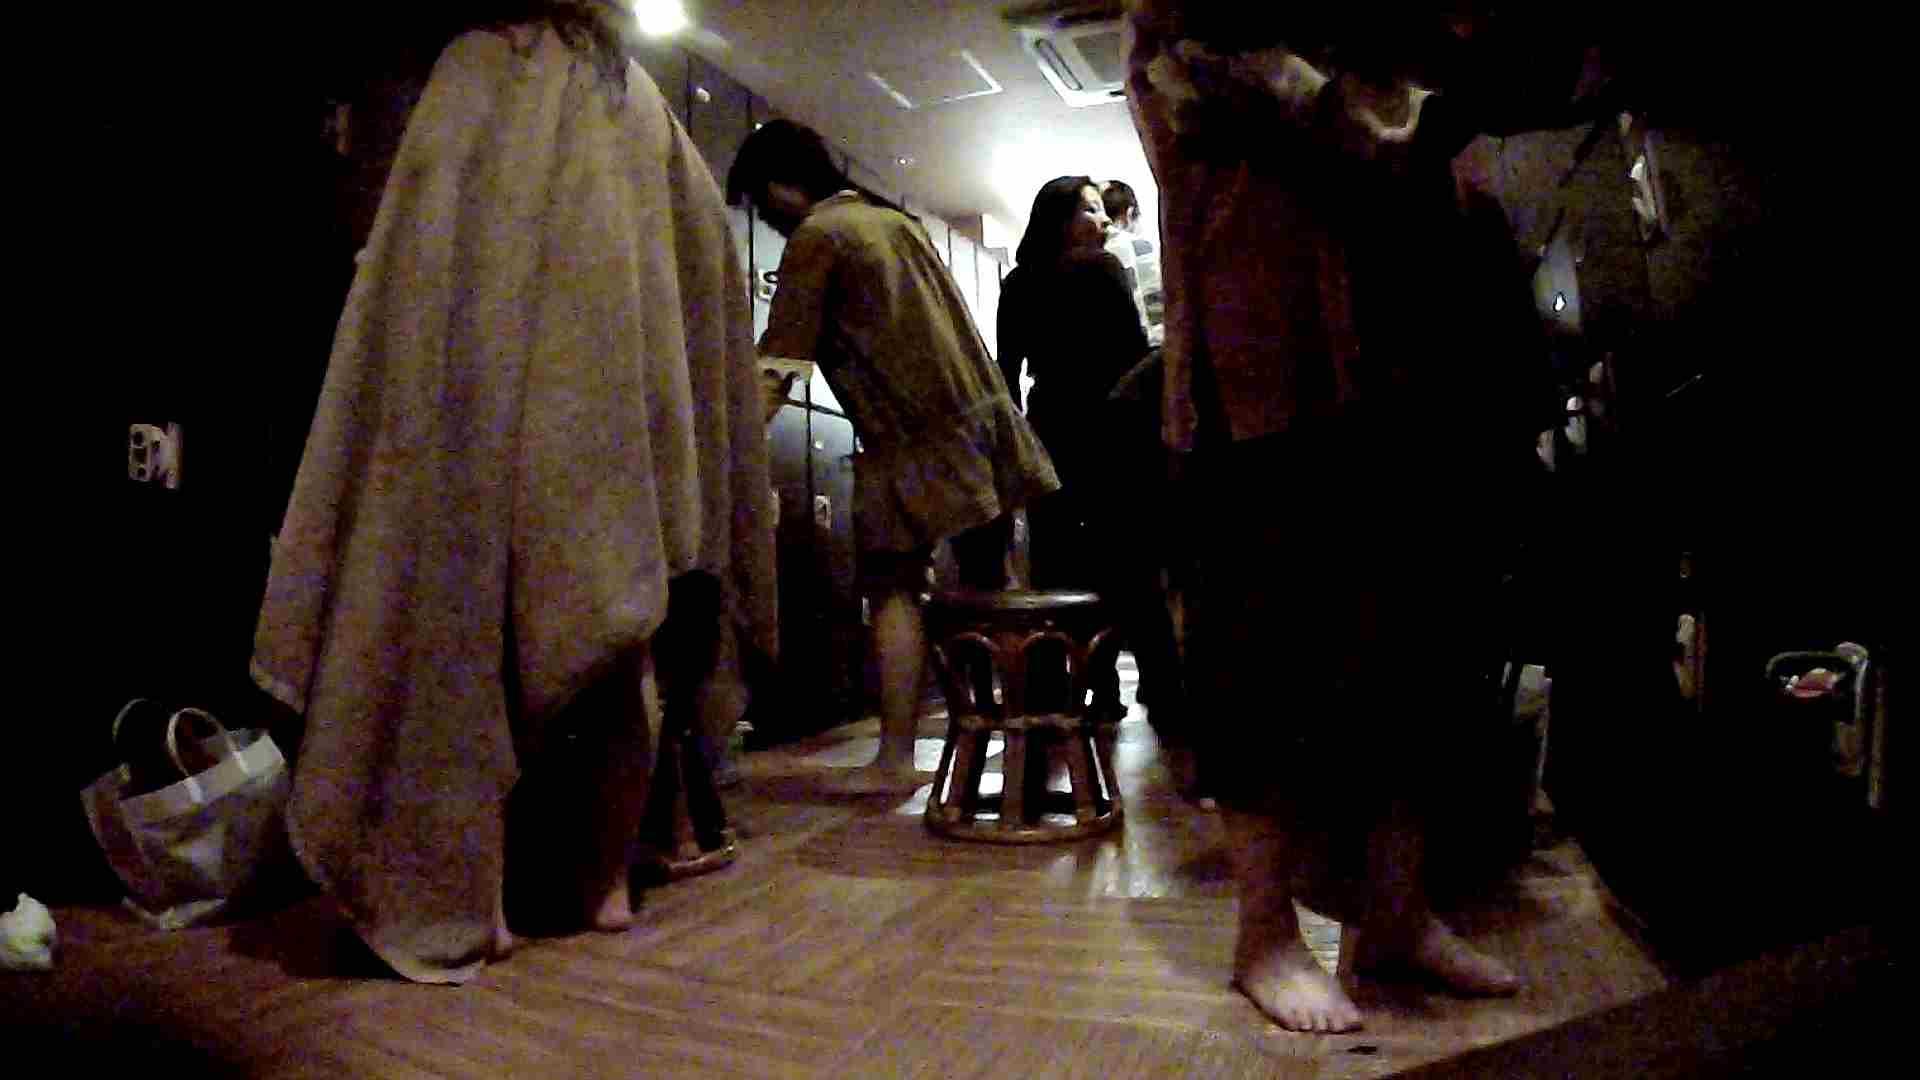 無修正エロ動画:脱衣所!オムニバス 大混雑!注目はあの人の御御足でしょう。:怪盗ジョーカー